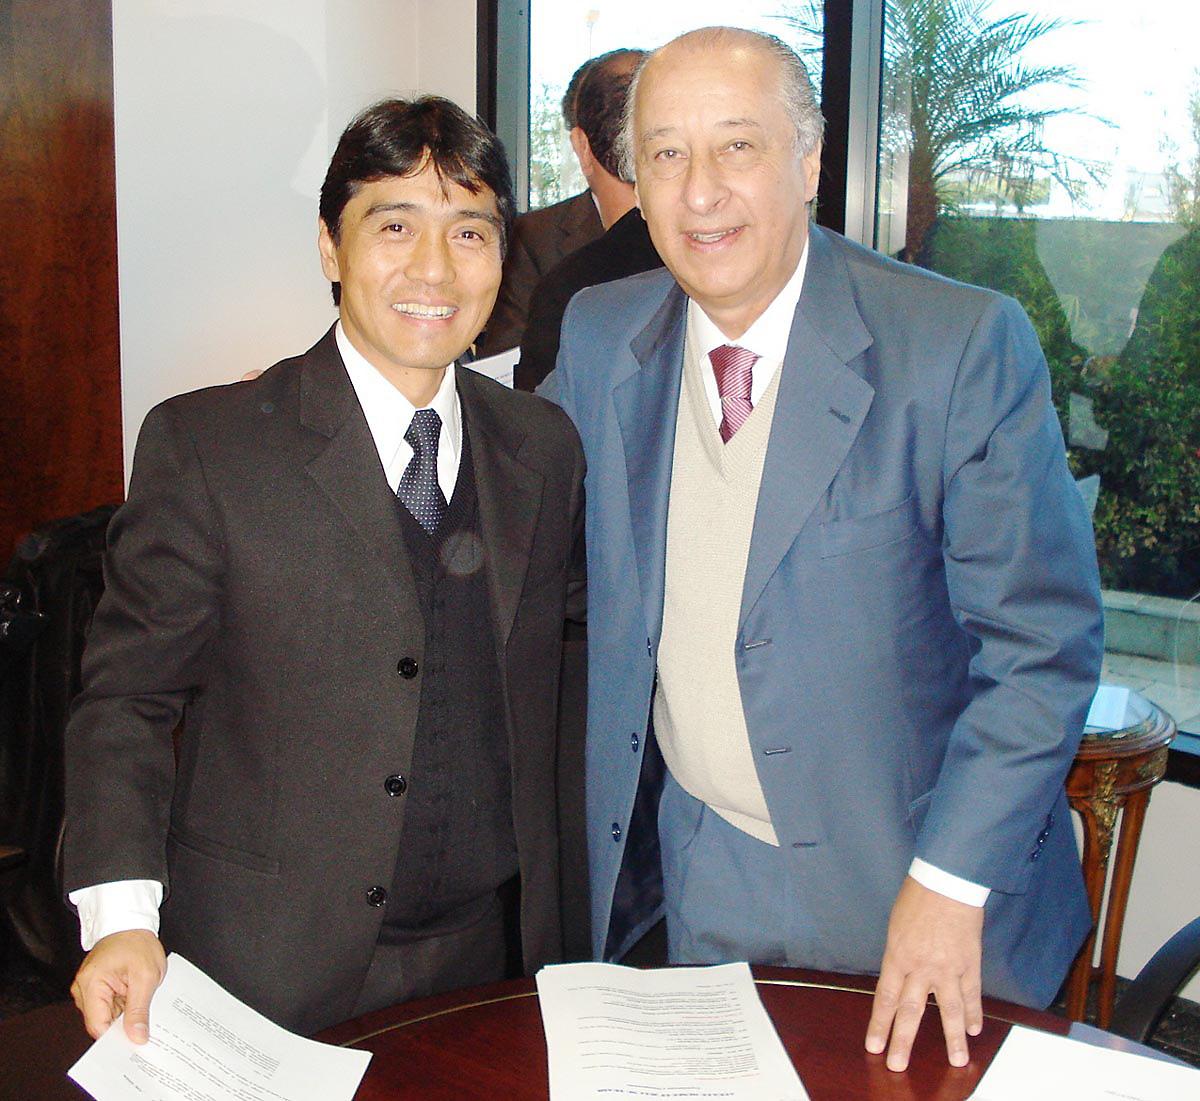 Hélio Nishimoto com o presidente da Federação Paulista de Futebol, Marco Polo Del Nero.<a style='float:right' href='https://www3.al.sp.gov.br/repositorio/noticia/06-2009/FPF.jpg' target=_blank><img src='/_img/material-file-download-white.png' width='14px' alt='Clique para baixar a imagem'></a>